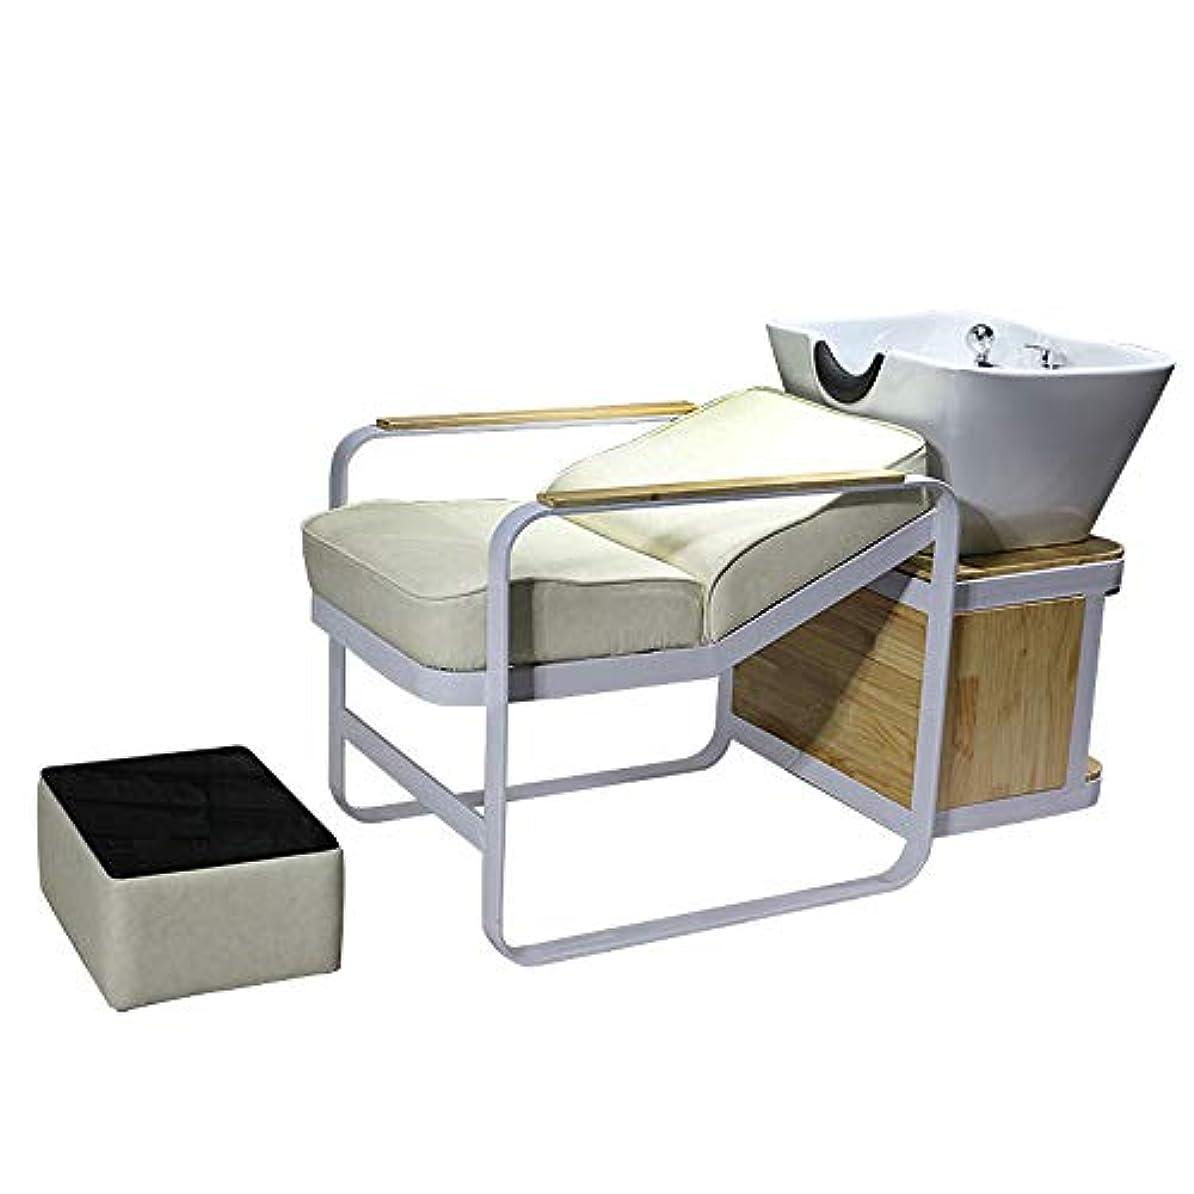 発揮する弁護流産シャンプーチェア、逆洗ユニットシャンプーボウル理髪シンクシンクチェア用スパ美容院機器用半埋め込みフラッシュベッド